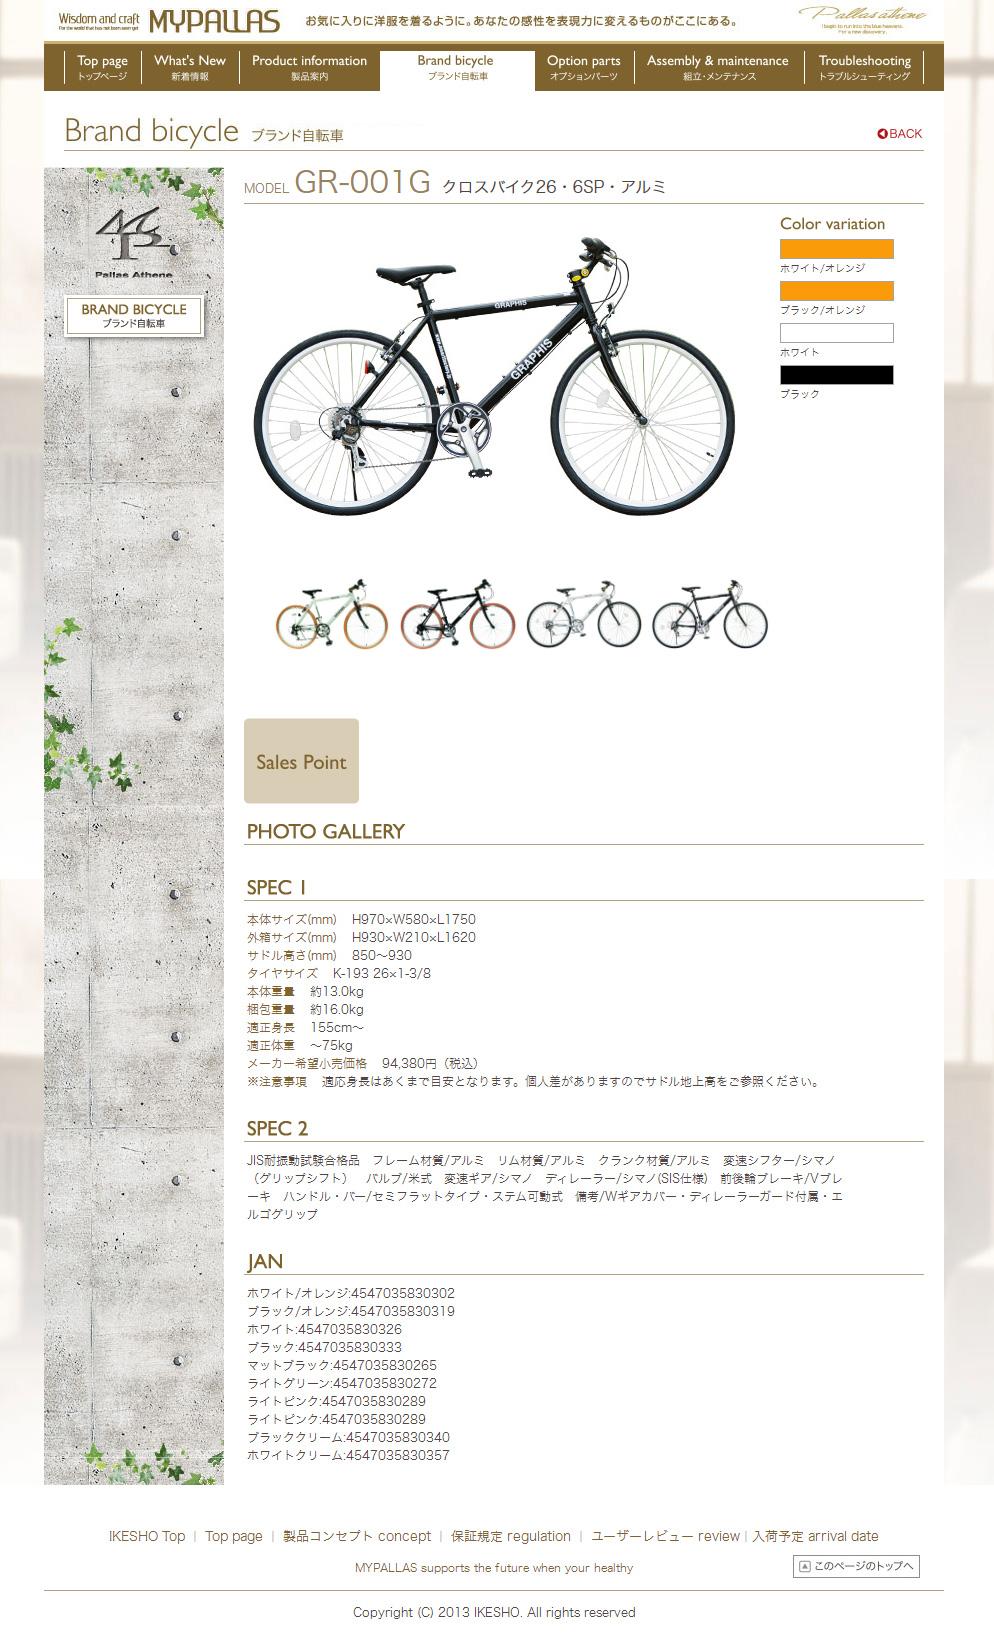 【送料無料】★特価! 自転車 クロスバイク GRAPHIS グラフィス GR-001G 自転車 26インチ 6段変速 自転車 メンズ レディース 通販 【アウトレット 在庫過剰のため】 ☆